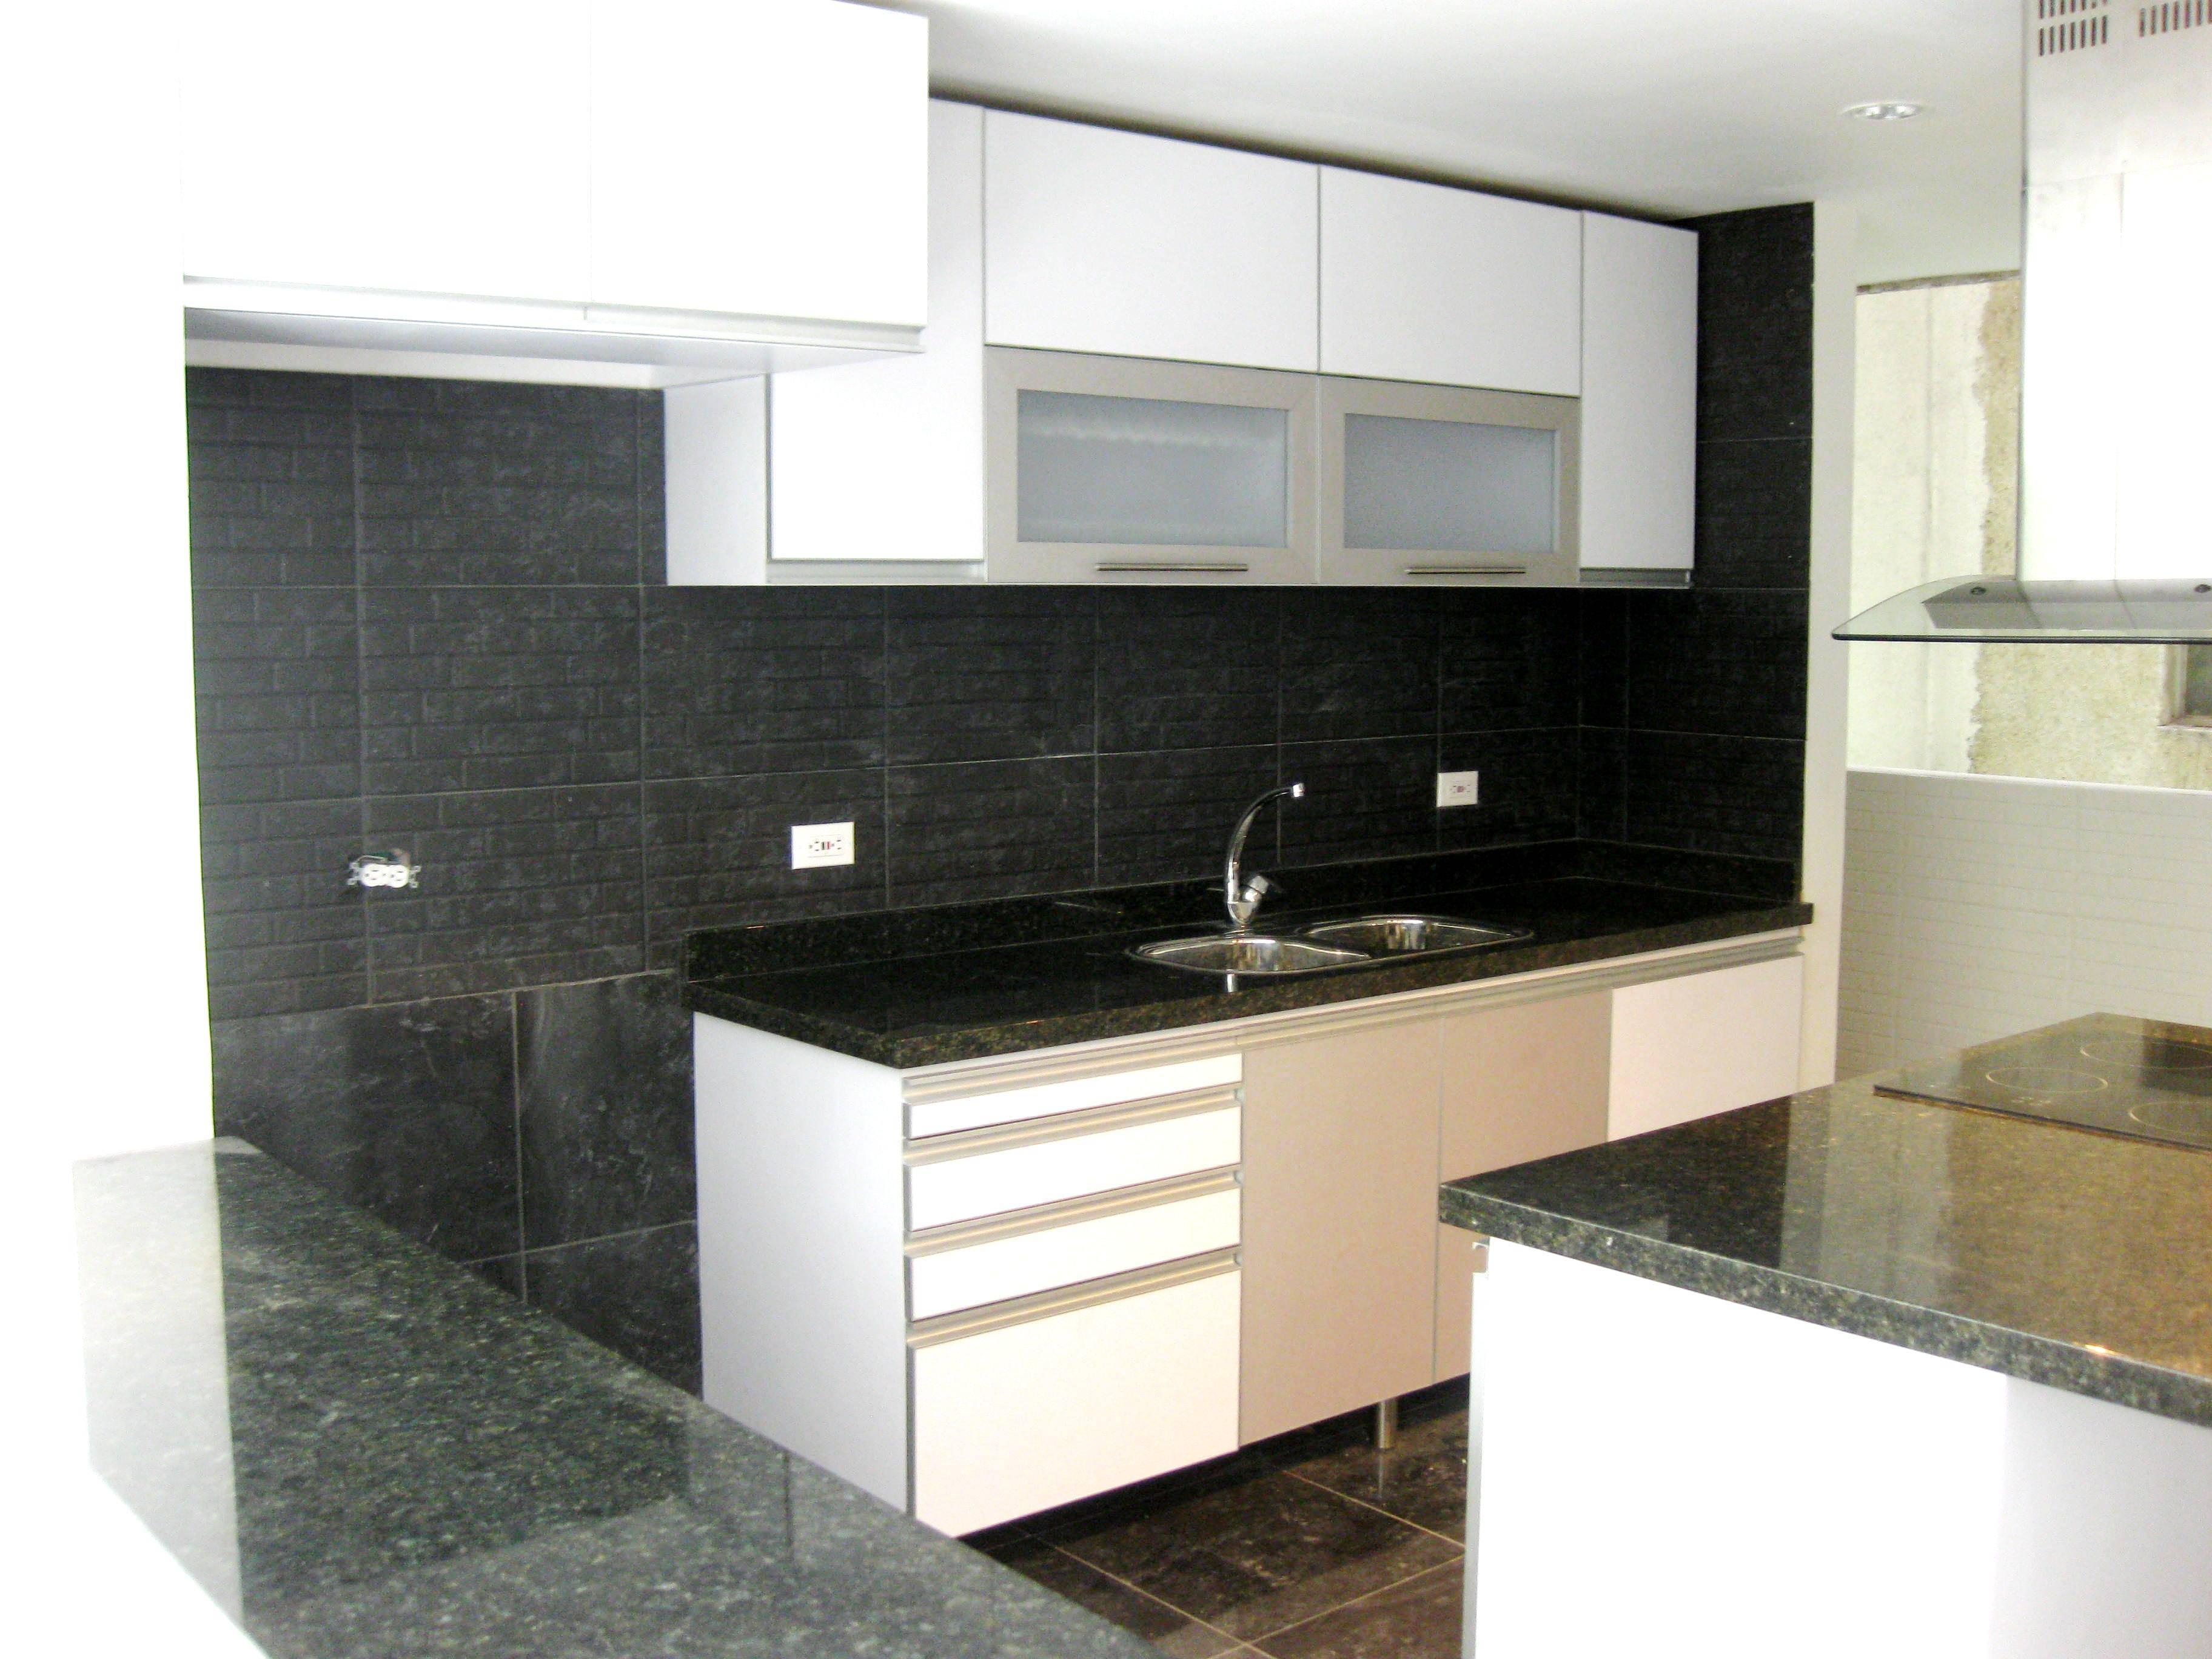 Cocinas modernas y sus espacios de almaceamiento cocinas for Ideas para cocinas con poco espacio